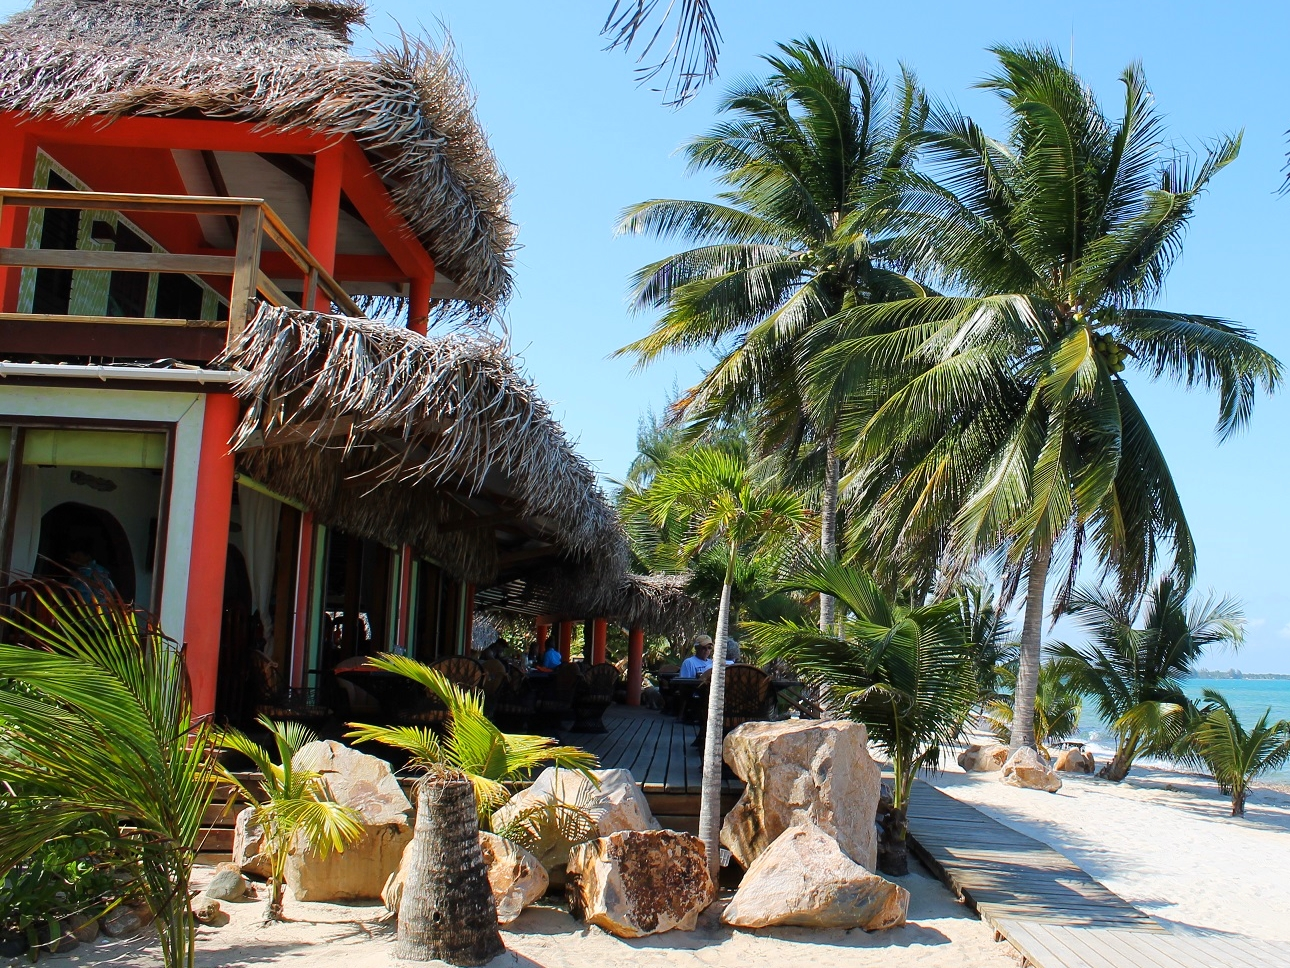 Robert's Grove Resort, Placencia, Belize